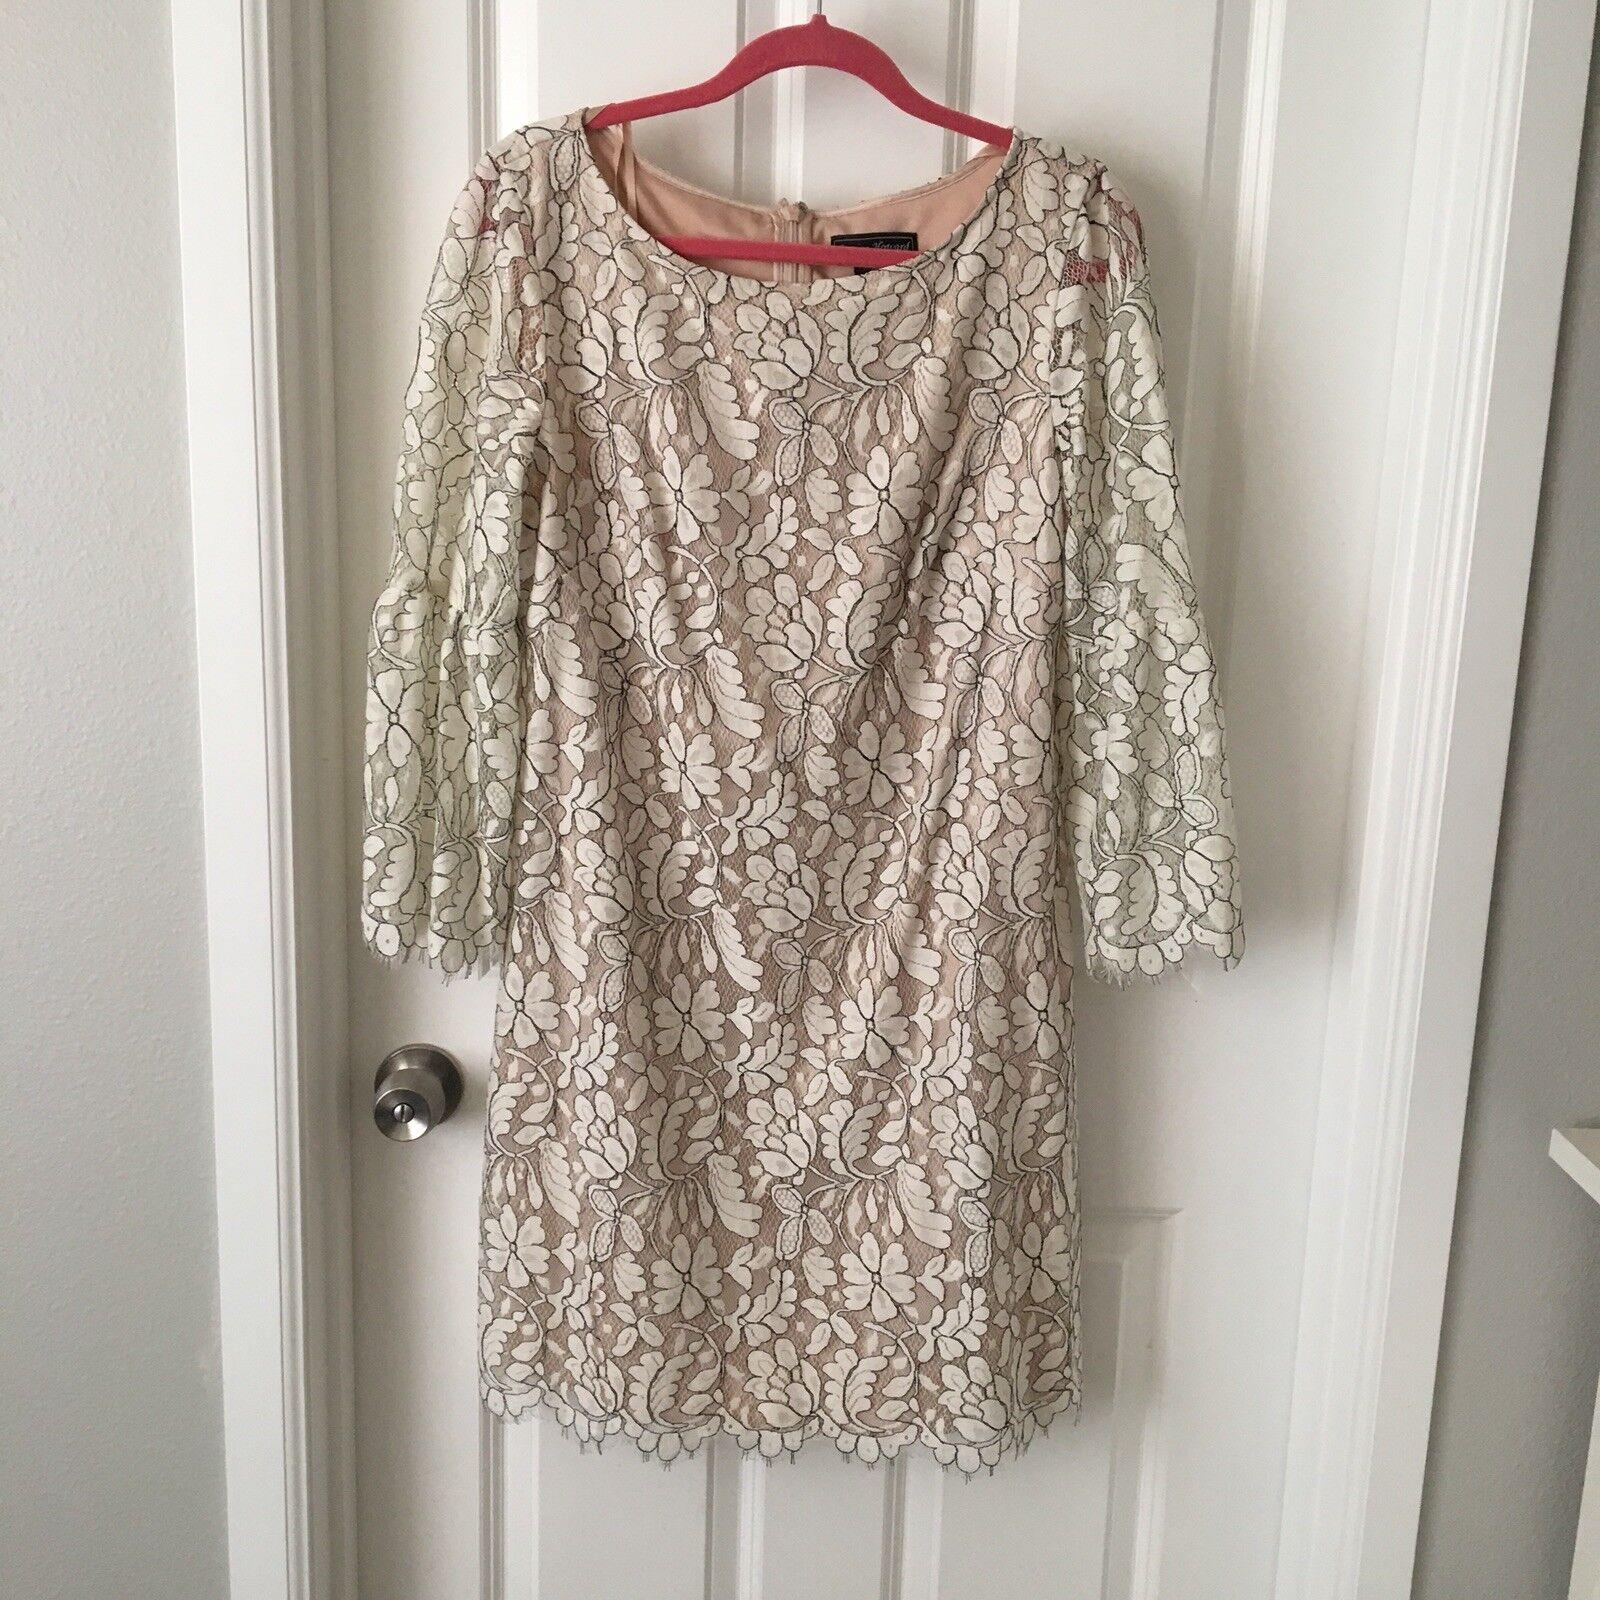 Jessica Howard schwarz And Weiß Lace Dress 12